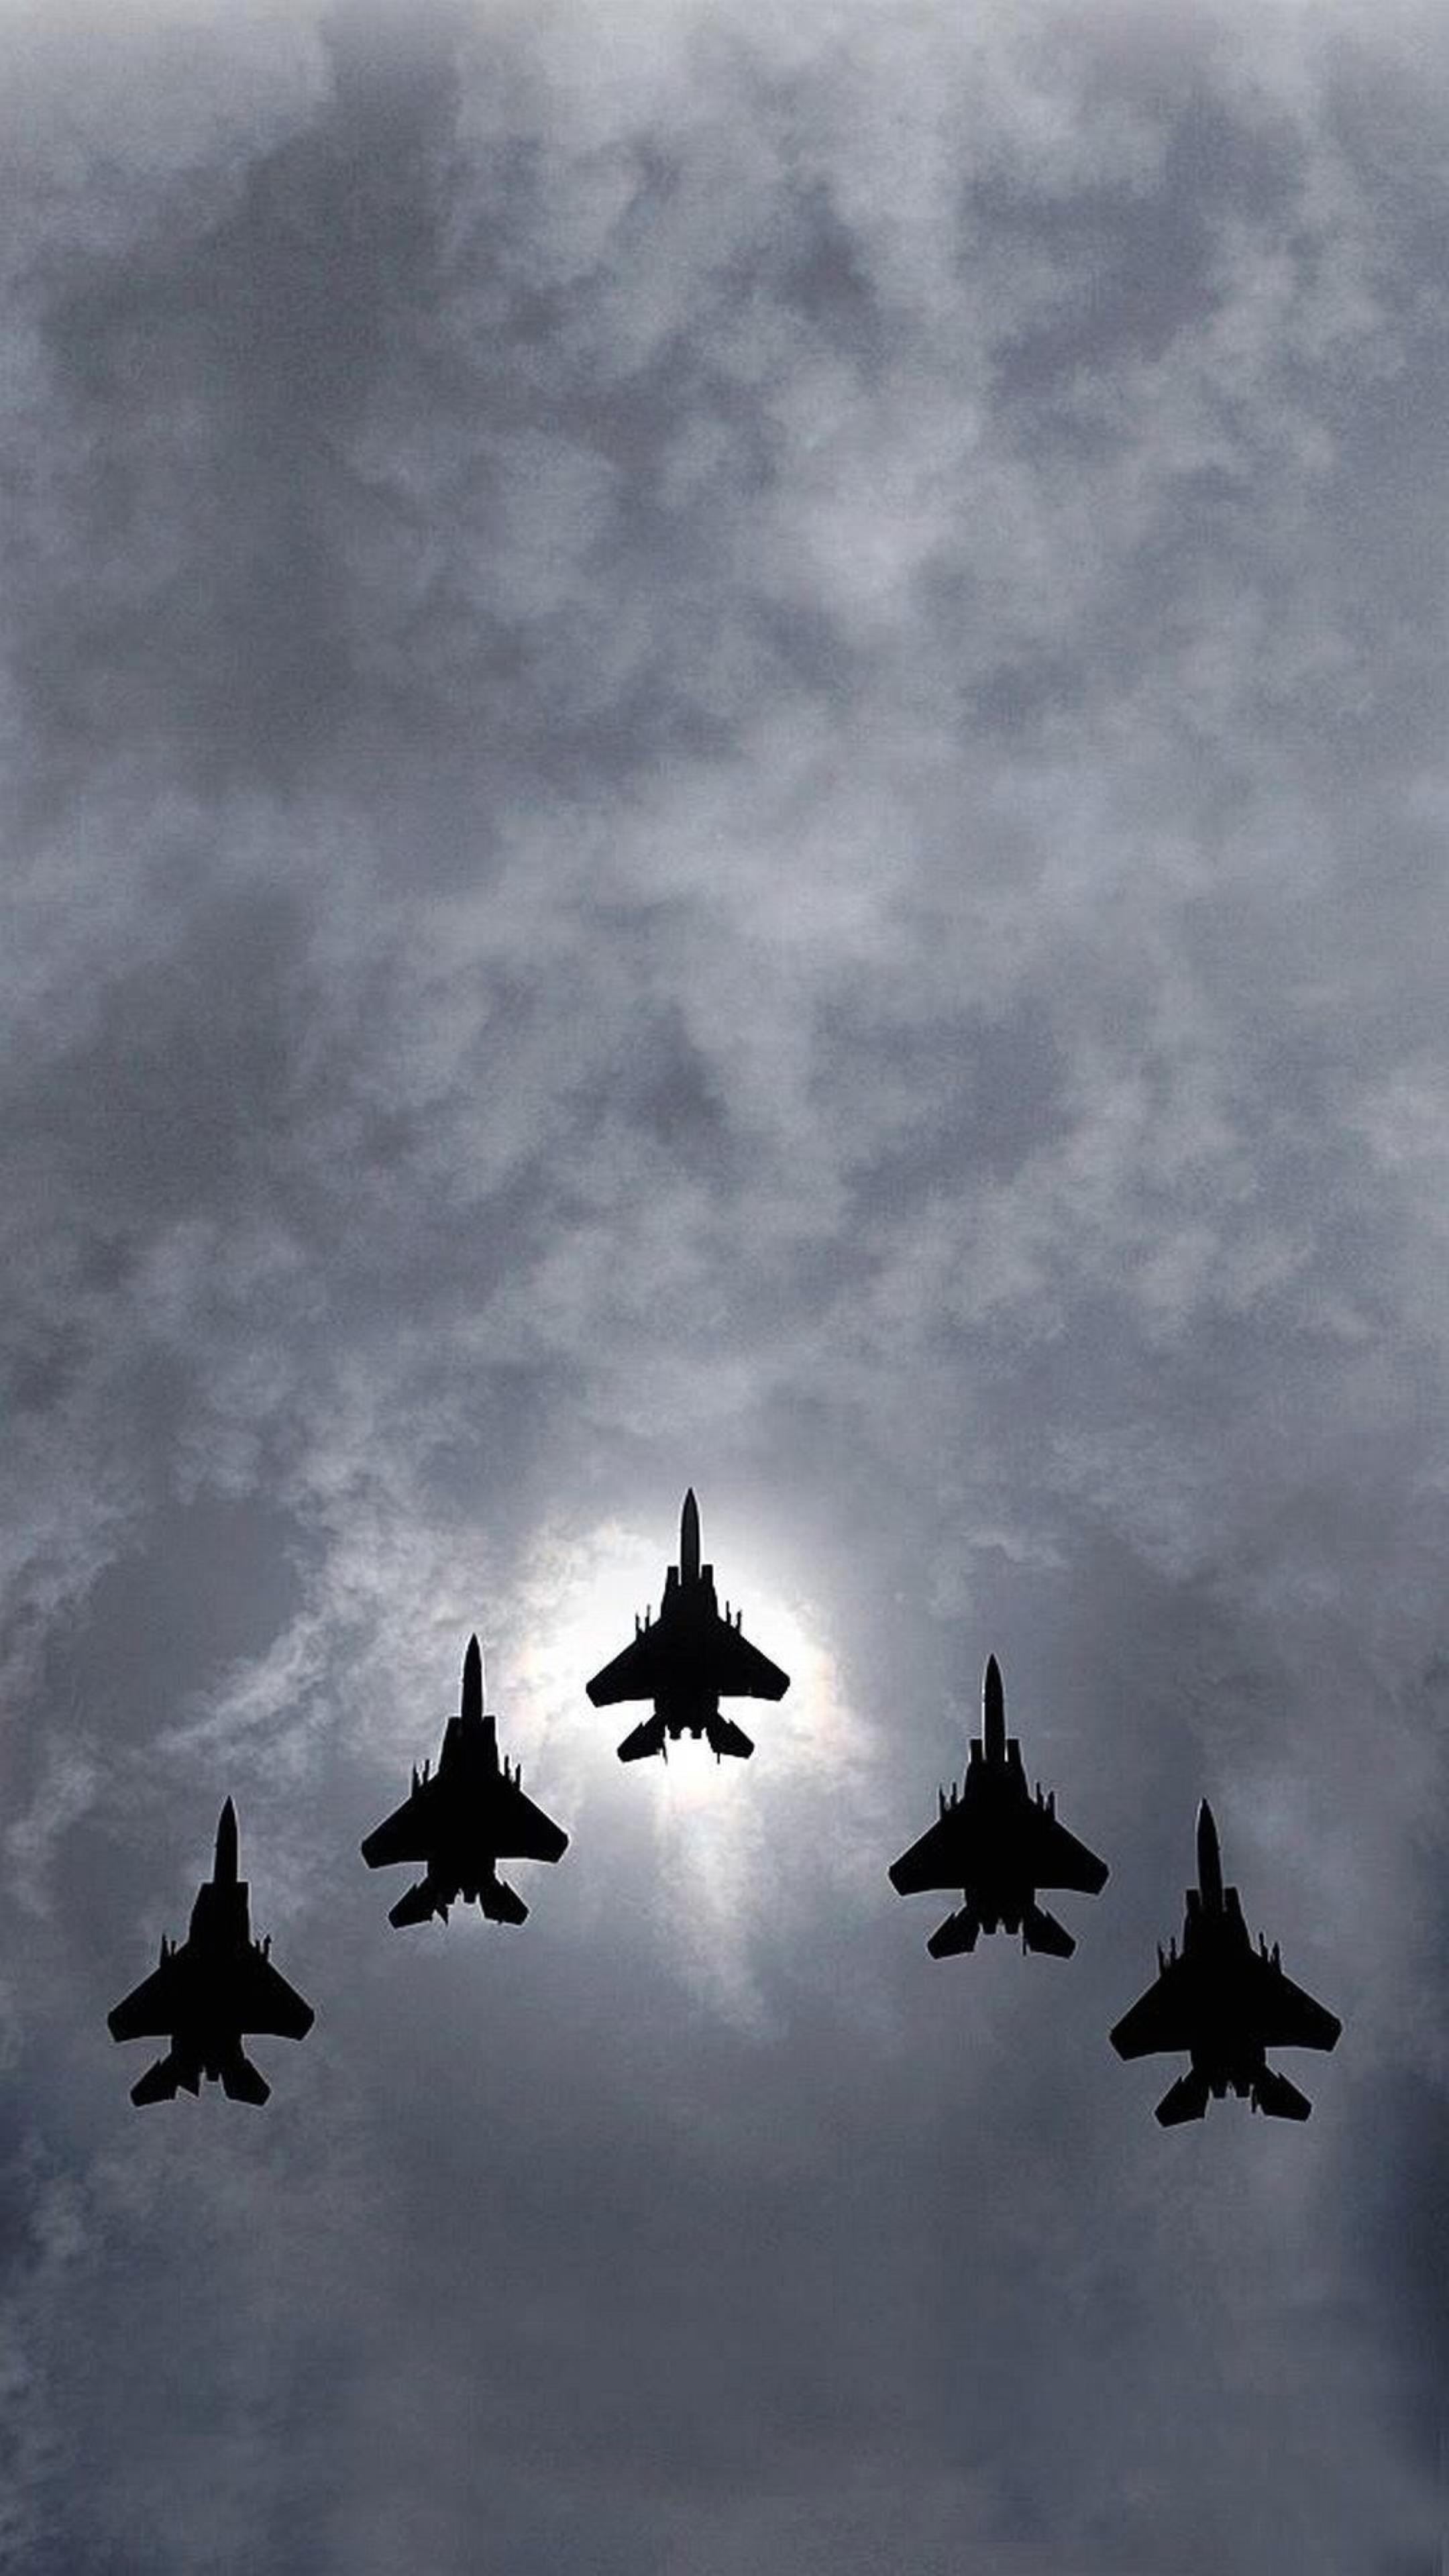 Aircraft Wallpaper 18 Air Force Wallpaper Military Wallpaper Fighter Jets Good aircrafts military hd wallpaper